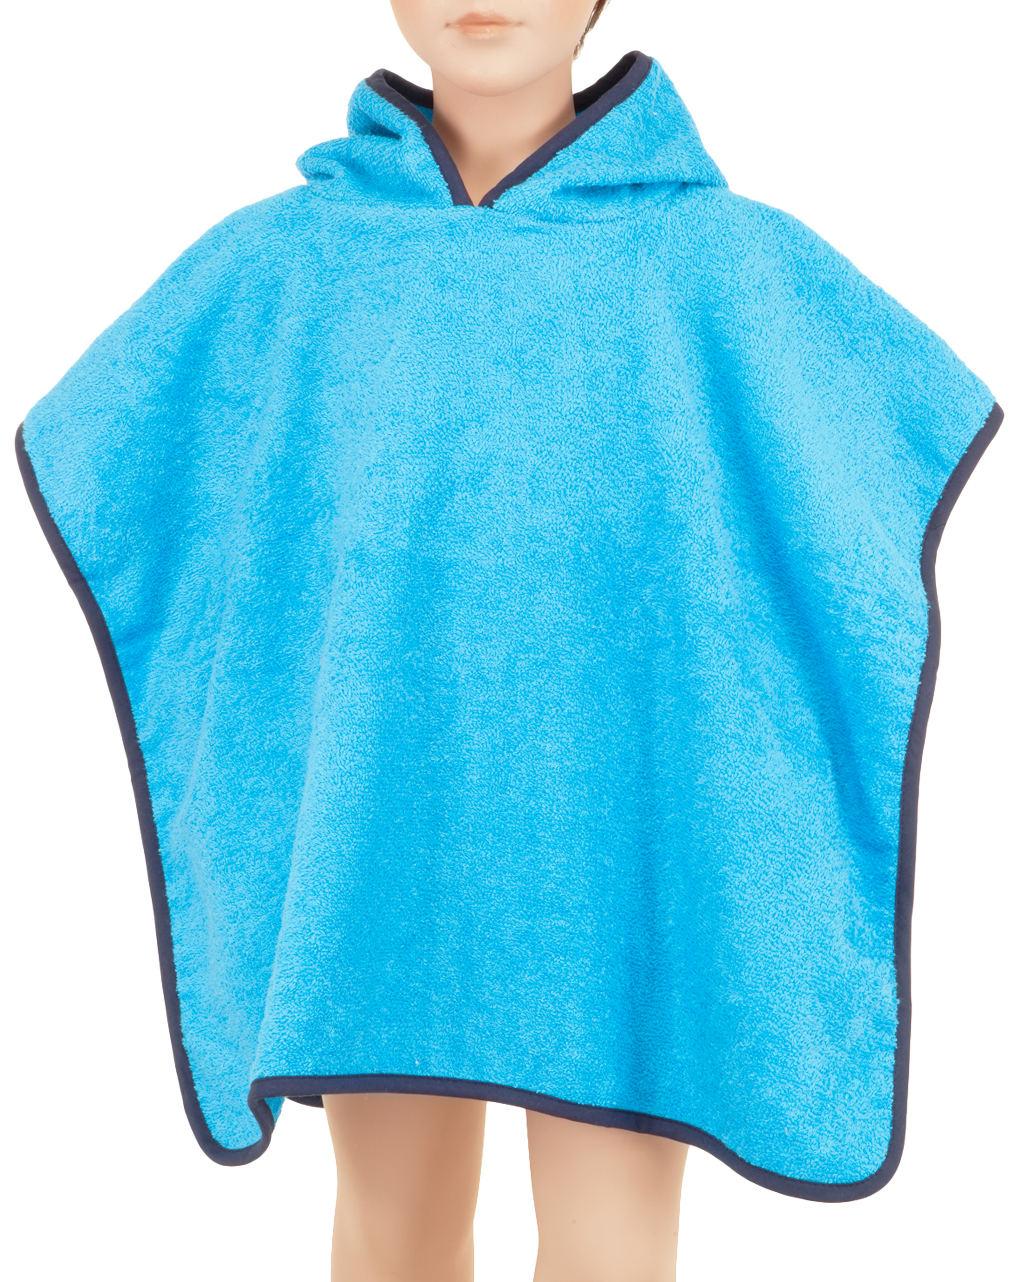 Poncho do mar bebê - Prénatal